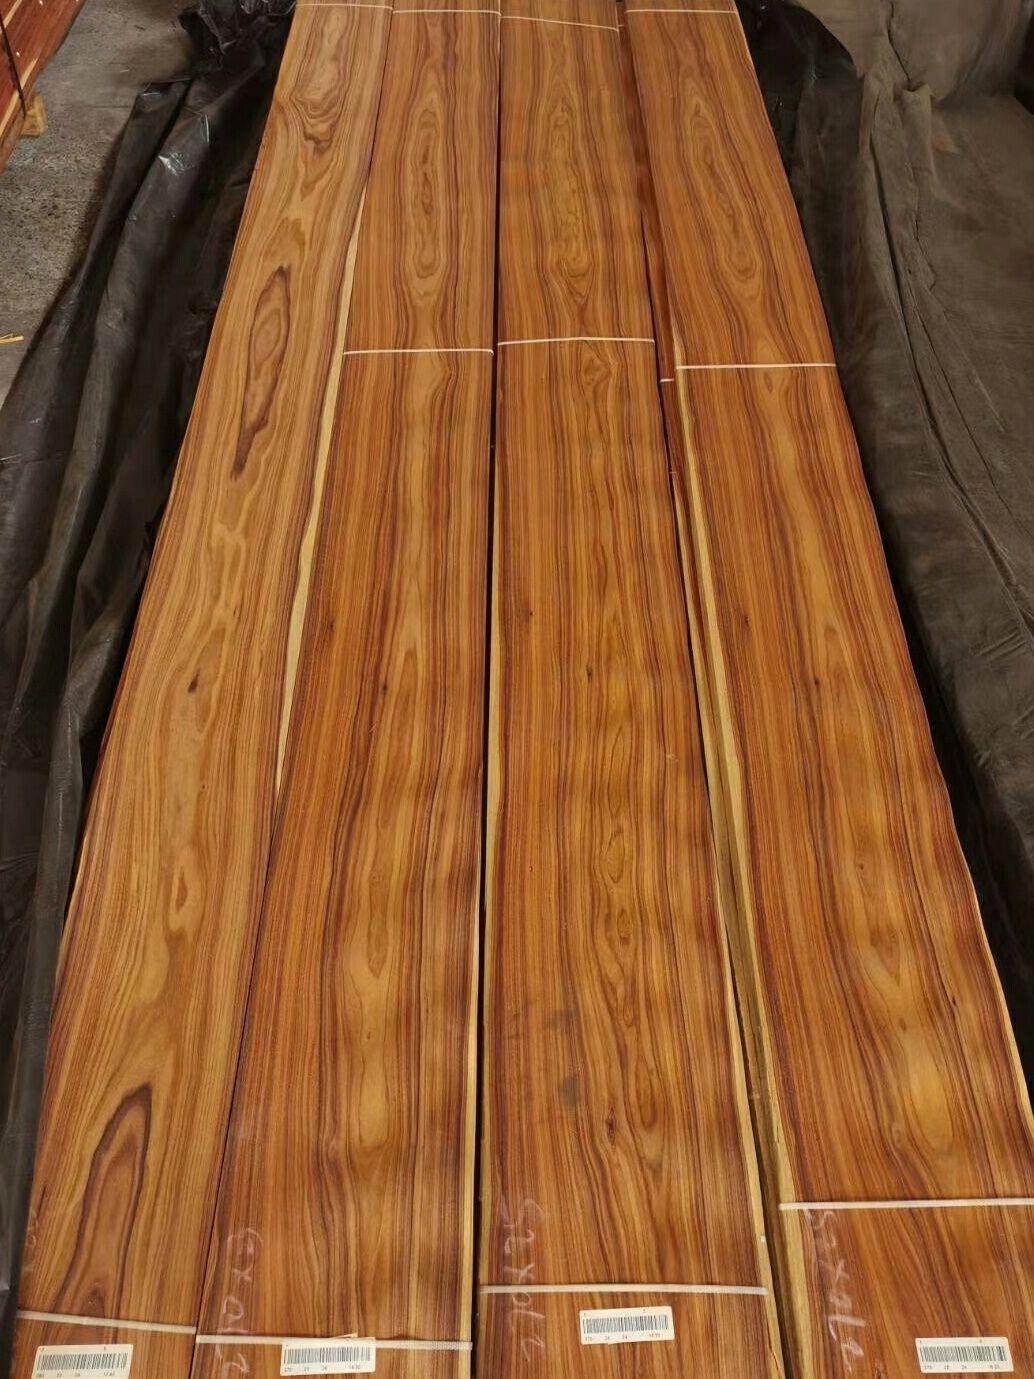 Santos Rosewood Veneer In 2020 Wood Veneer Red Oak Wood White Oak Wood